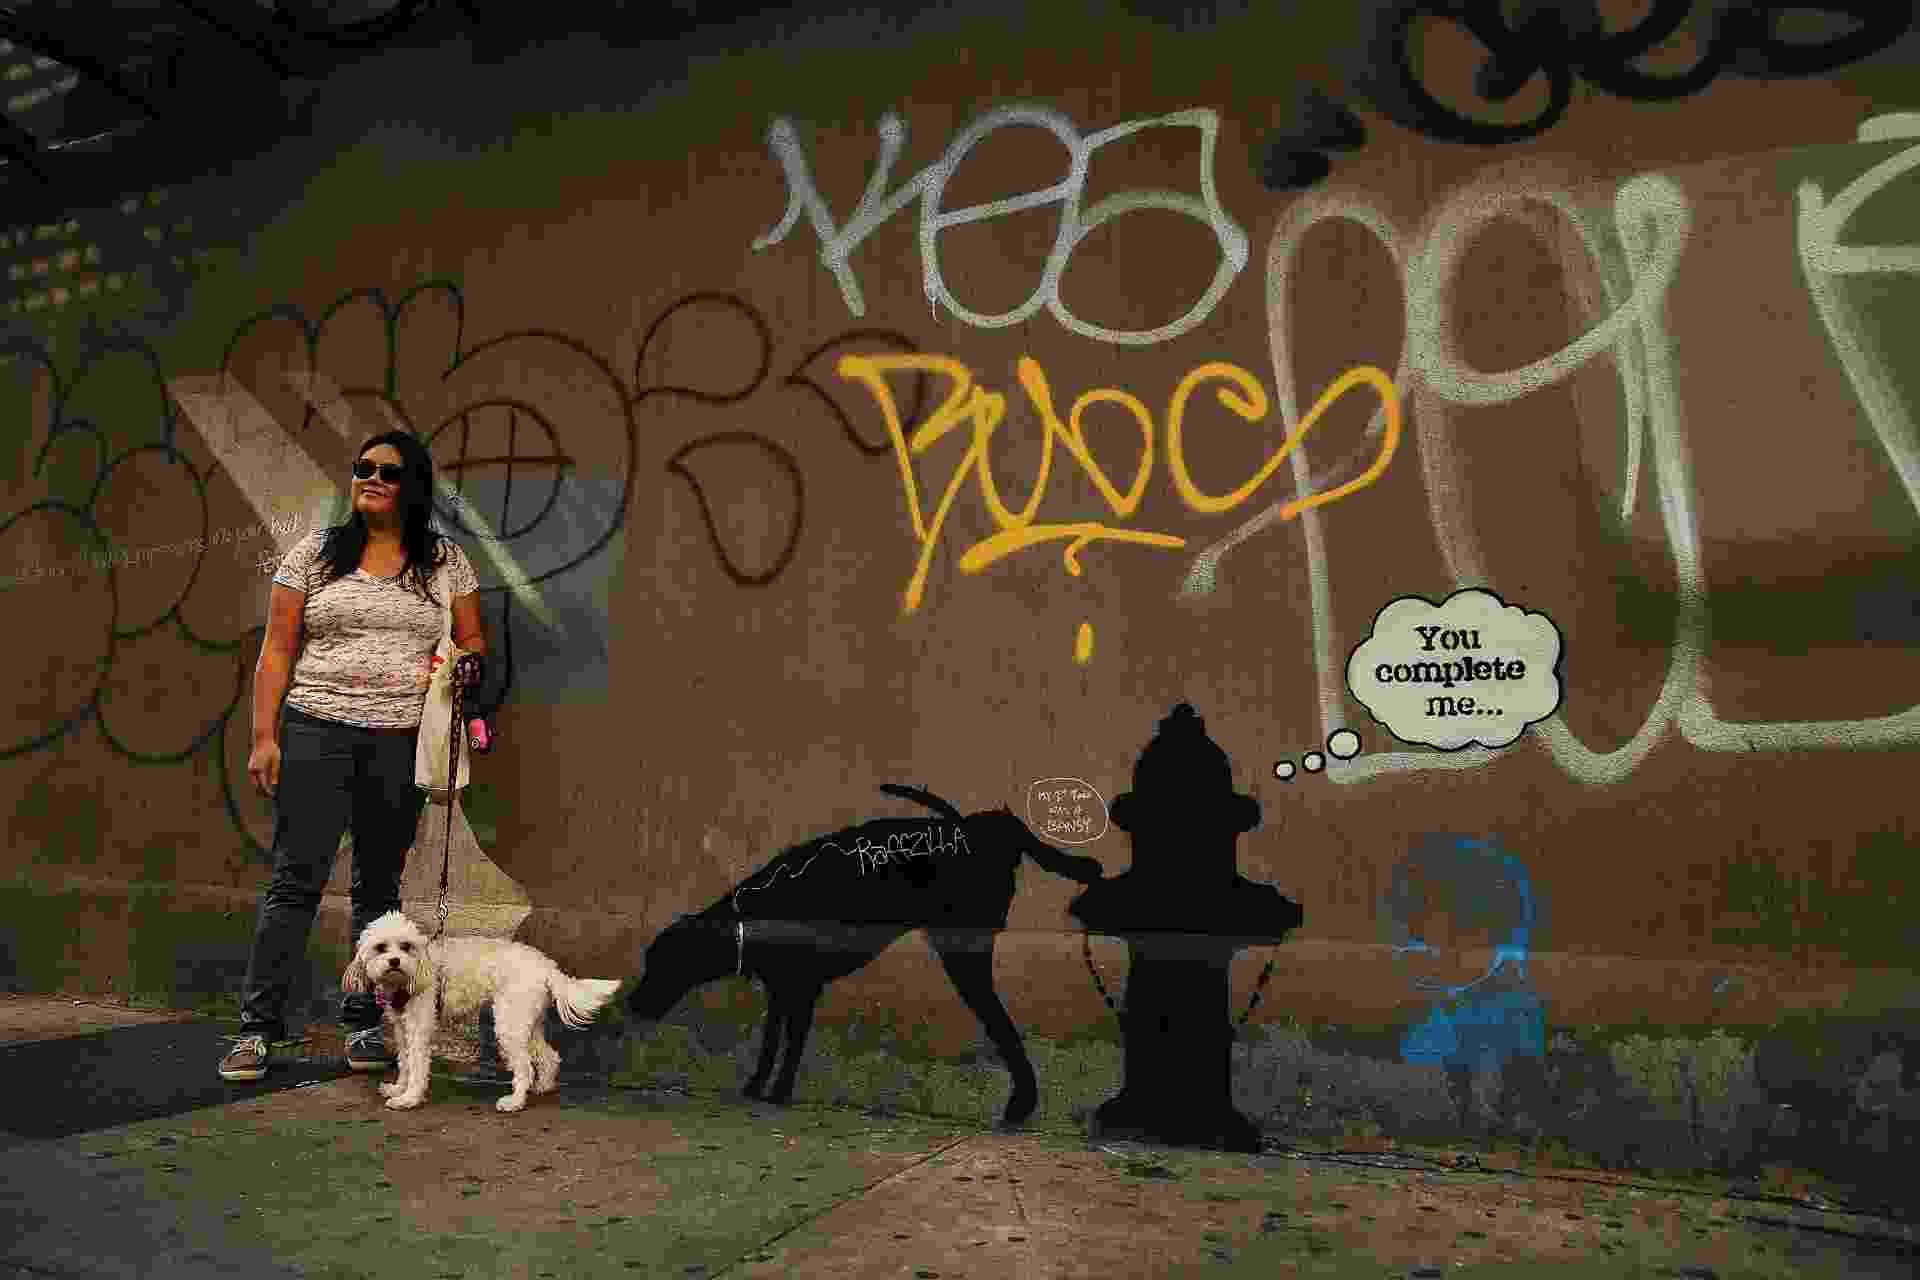 3.out.2013 - Mulher posa com seu cachorro ao lado de um grafite atribuído ao artista britânico Banksy, nesta quinta-feira (3), em Nova York. A identidade do pintor - que anunciou uma temporada de três meses na cidade - é desconhecida - Spencer Platt/AFP